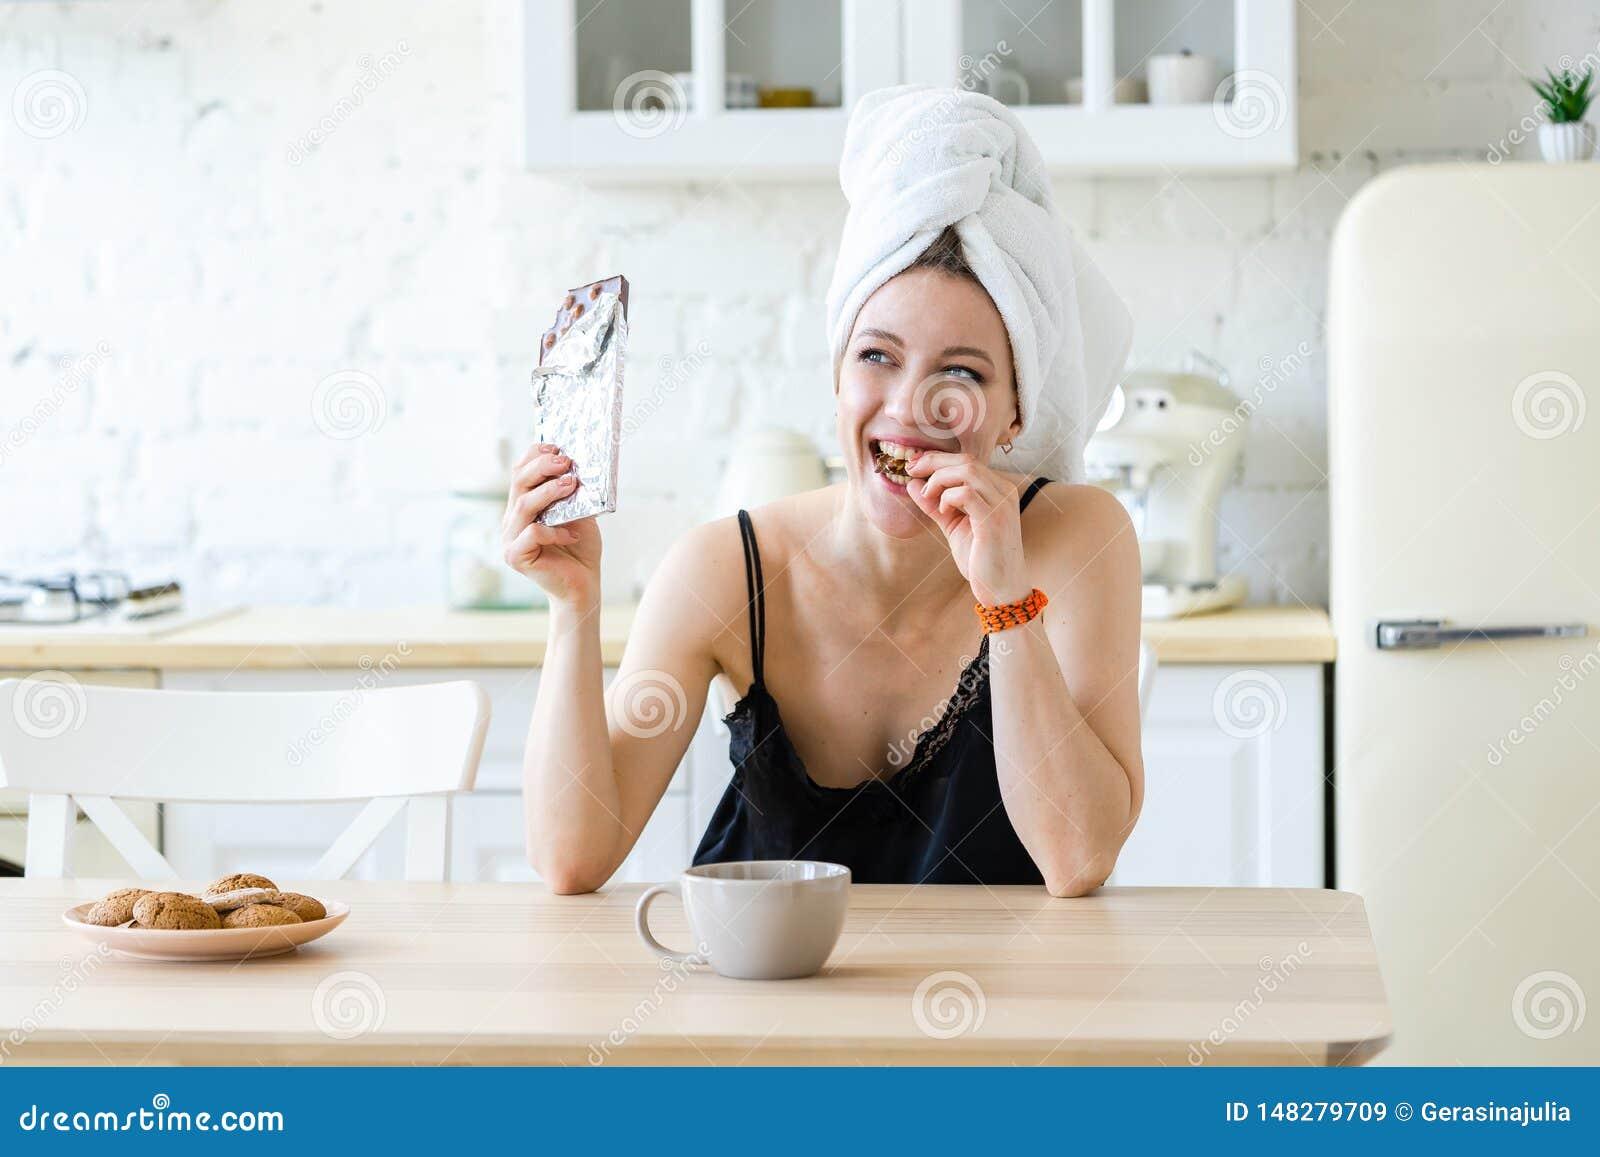 Frau, die Schokolade isst und nachdem Di?t genie?t, gehalten worden ist Betr?germahlzeit